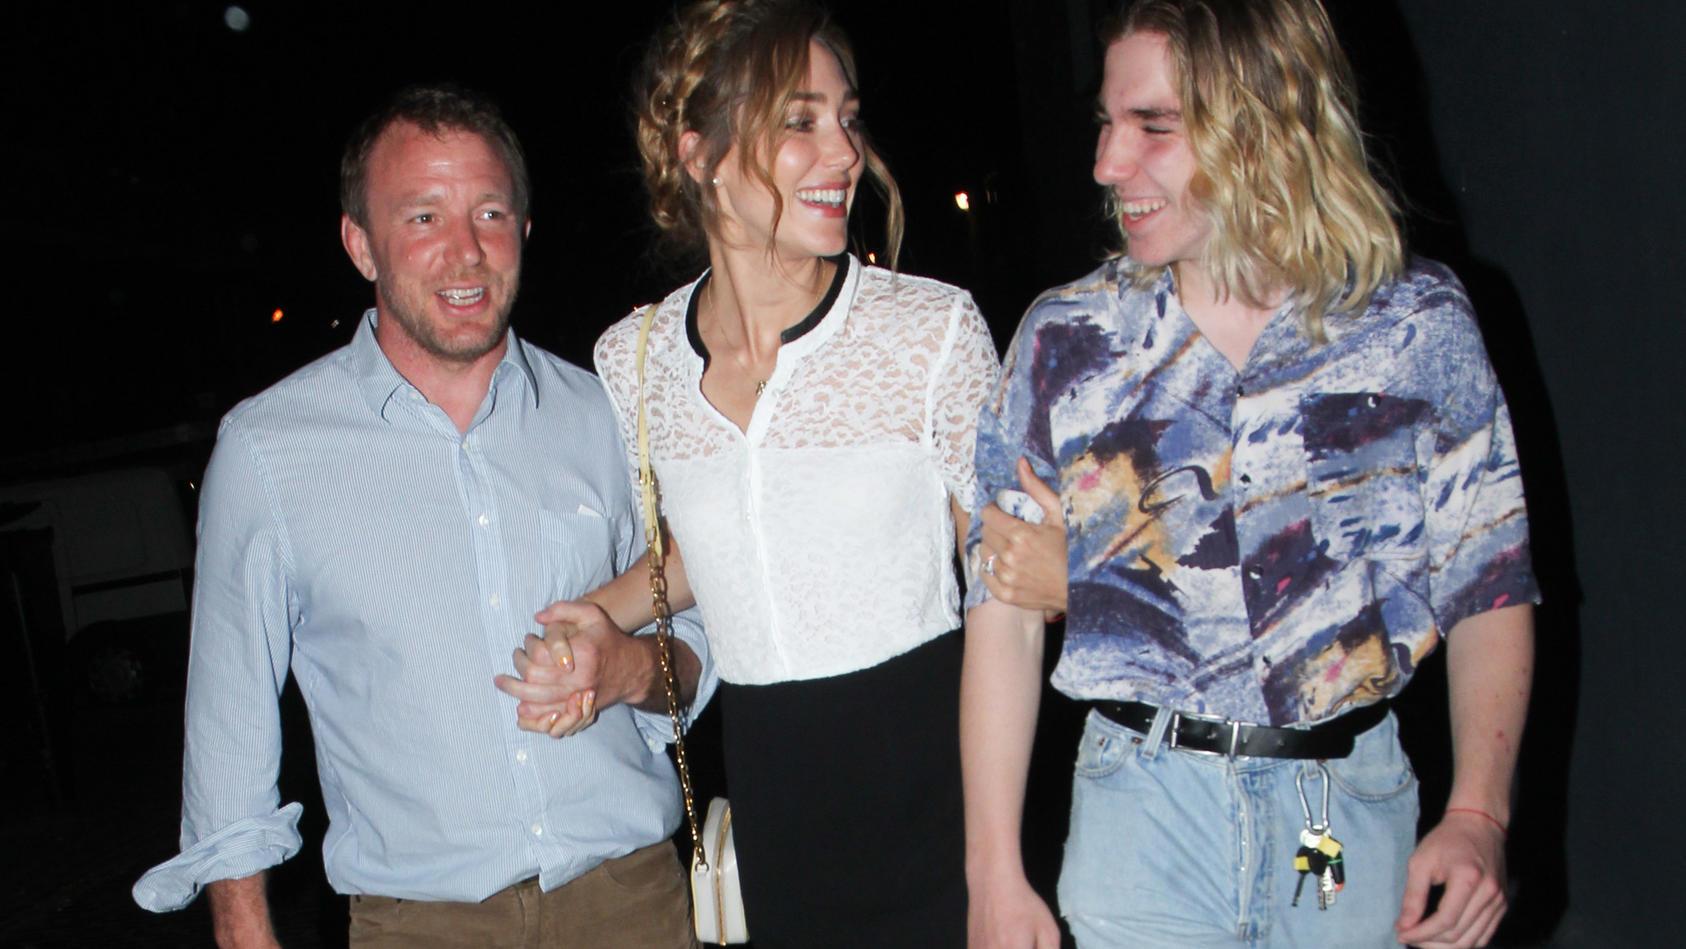 Guy Ritchie, Ehefrau Jacqui Ainsley und der damals 15-Jährigen Sohn Rocco (v.l.n.r.) im Jahr 2015.